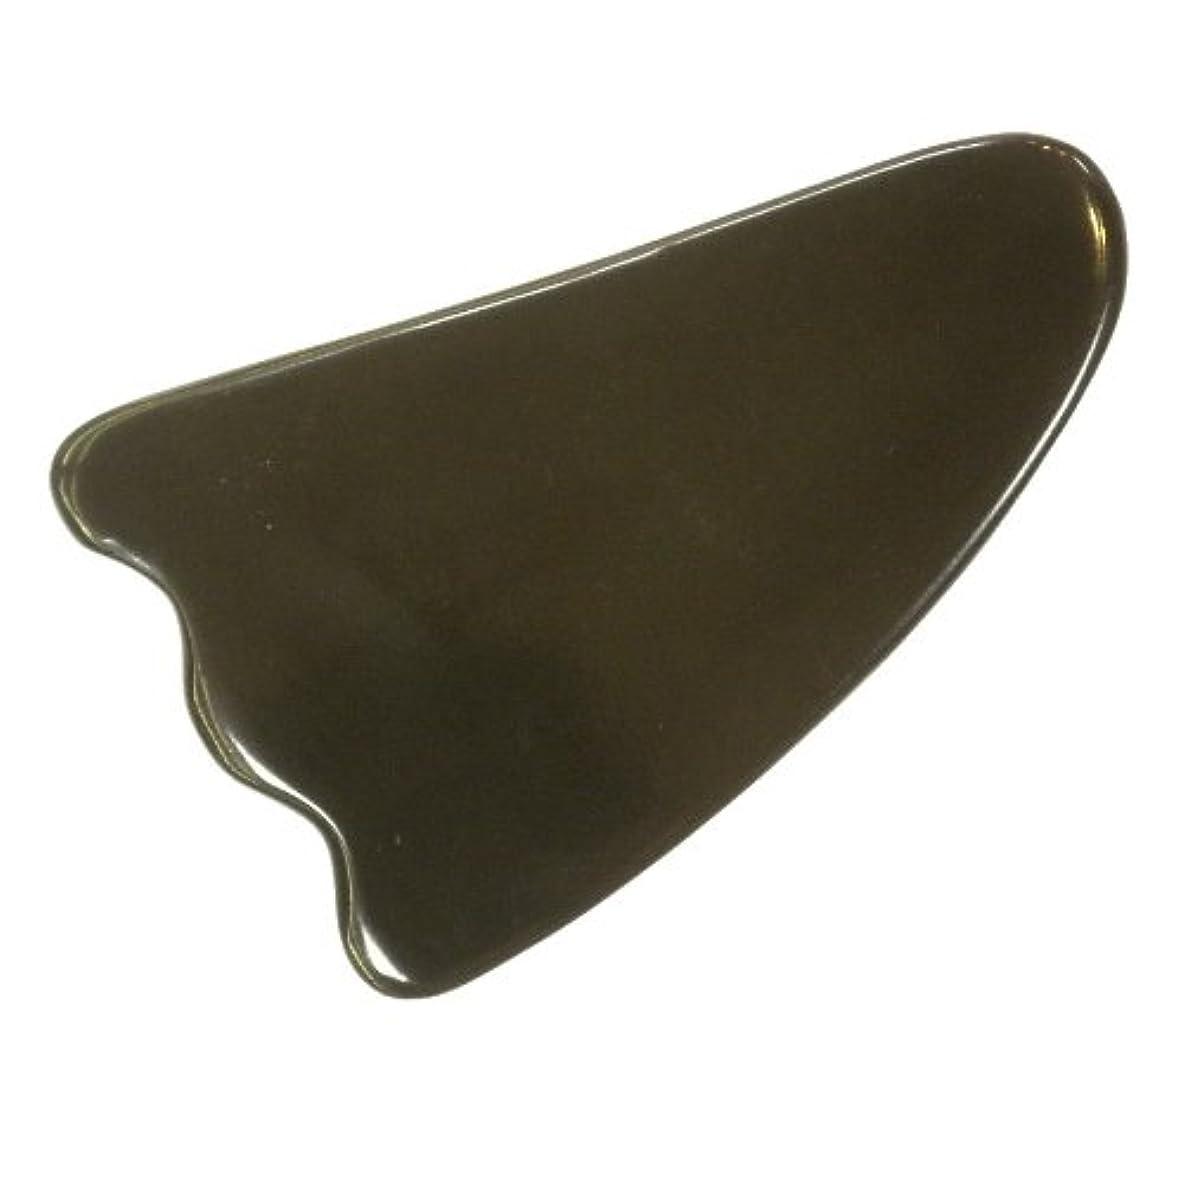 無効にする死の顎発見するかっさ プレート 厚さが選べる 水牛の角(黒水牛角) EHE213SP 羽根型 特級品 厚め(7ミリ程度)